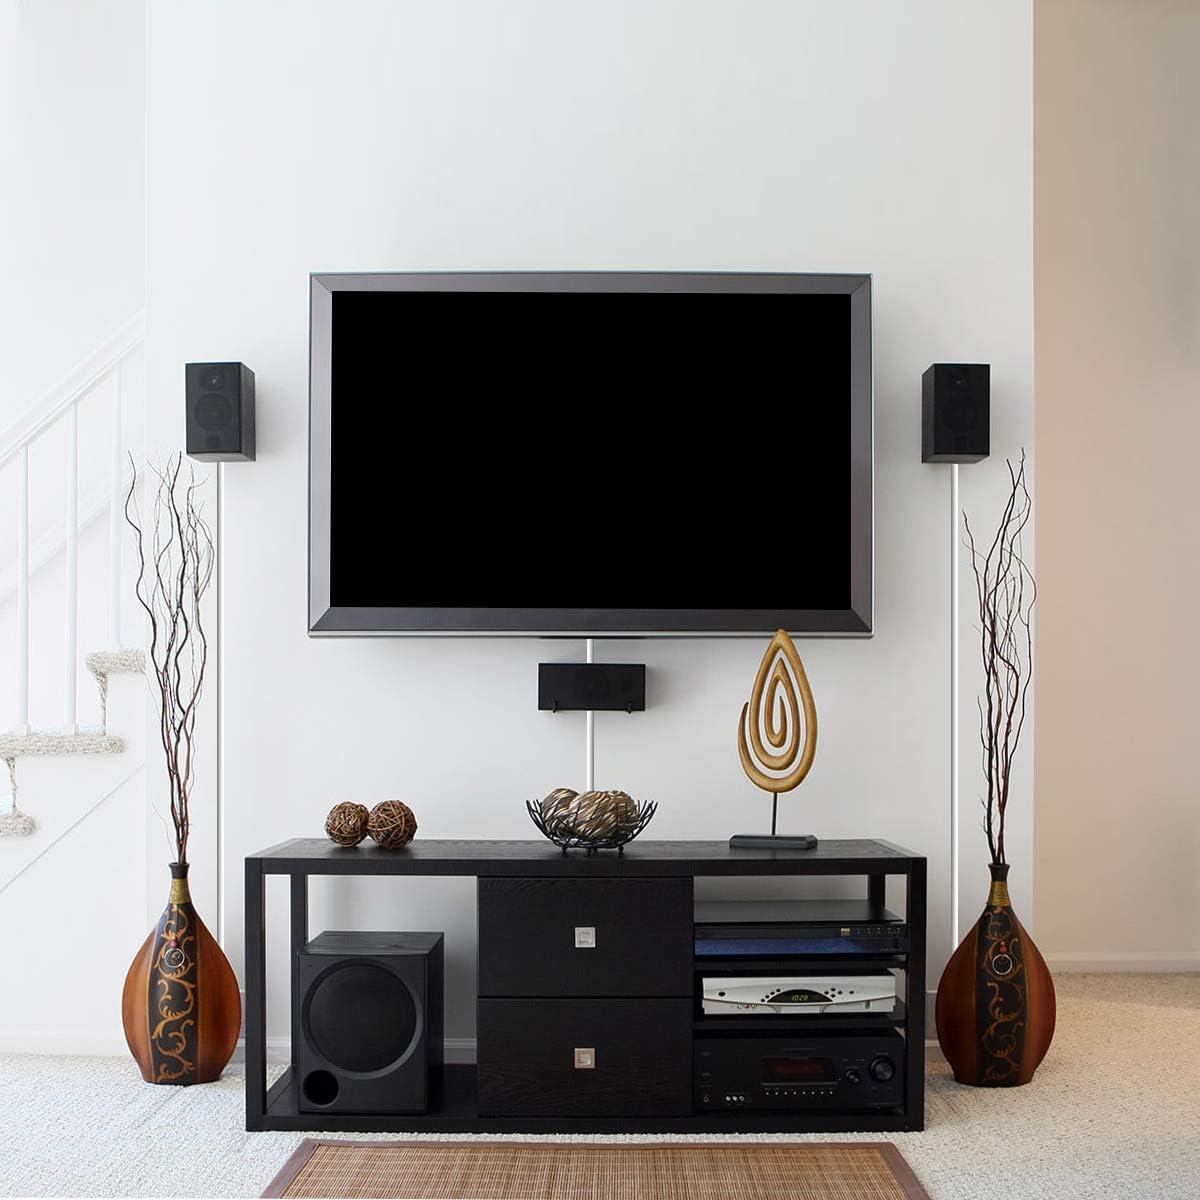 Stageek 6M Canaleta para Cableado Cavo on-wall Cover per cavo di ordinamento gestione cavo autoadesiva per nascondere fili Bianco 16x39cm cavi per TV e computer a parete Canal de Cable